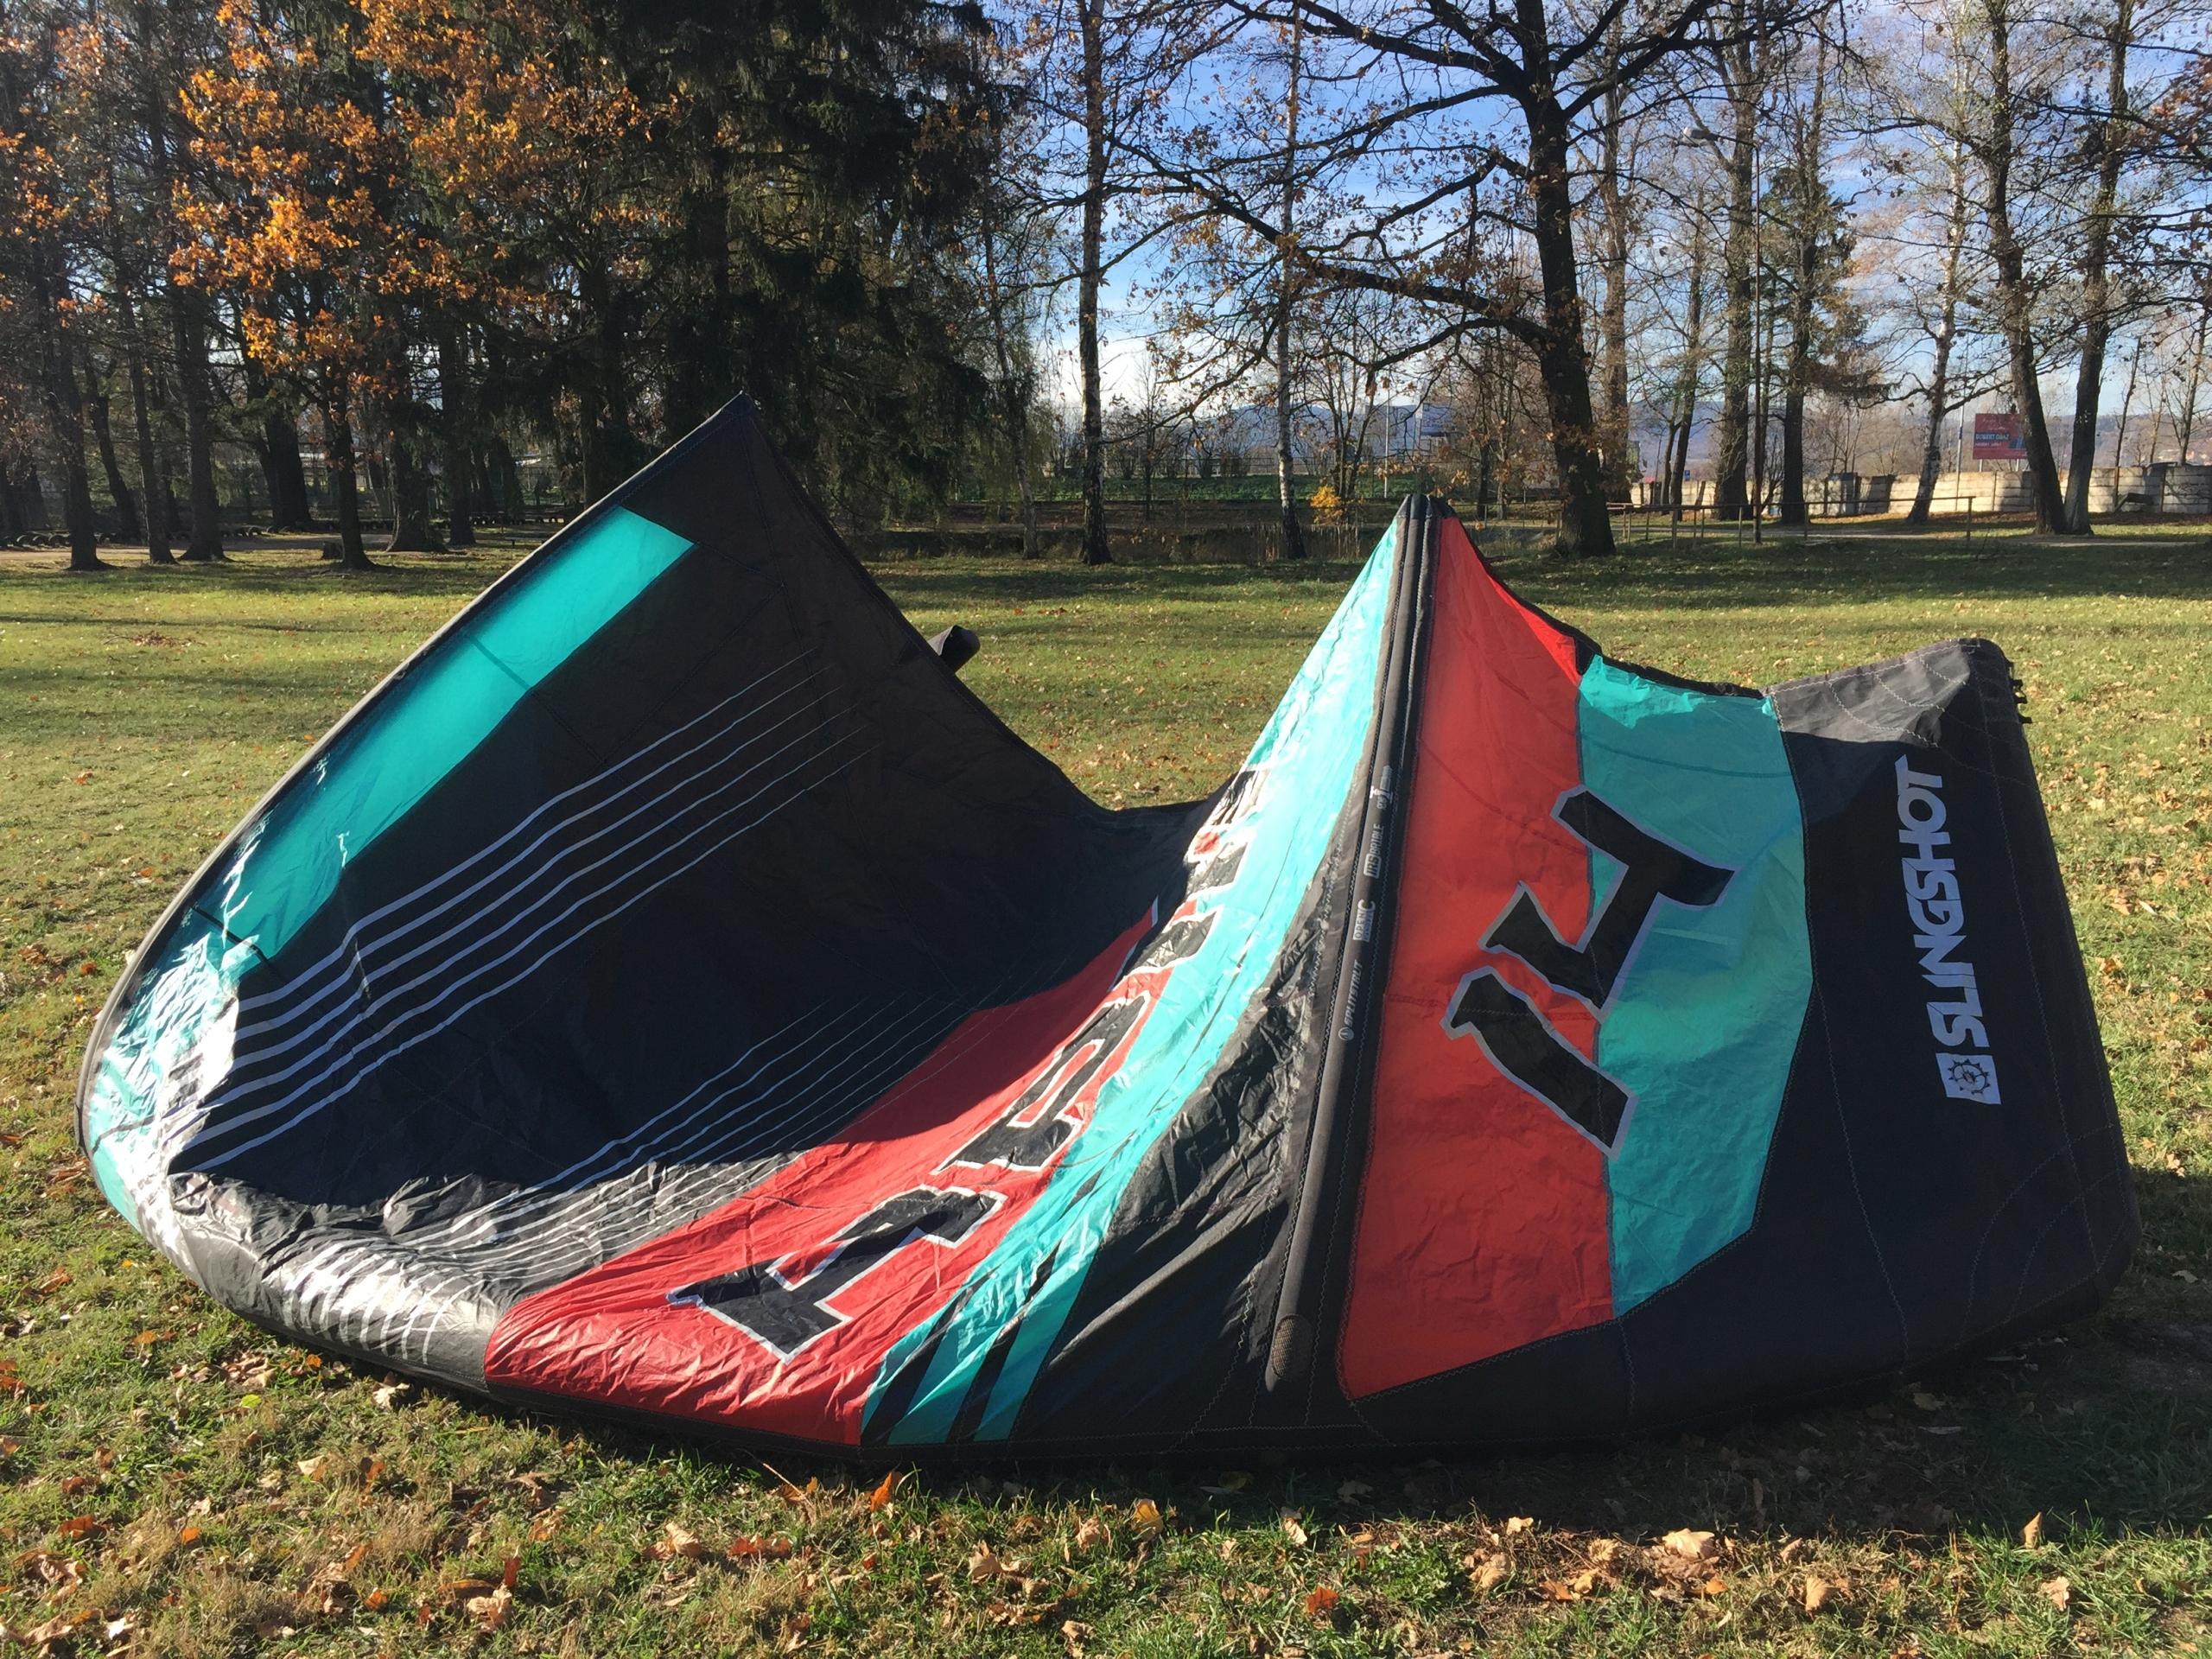 latwiec slingshot rpm 14 m, 2018 kitesurfing